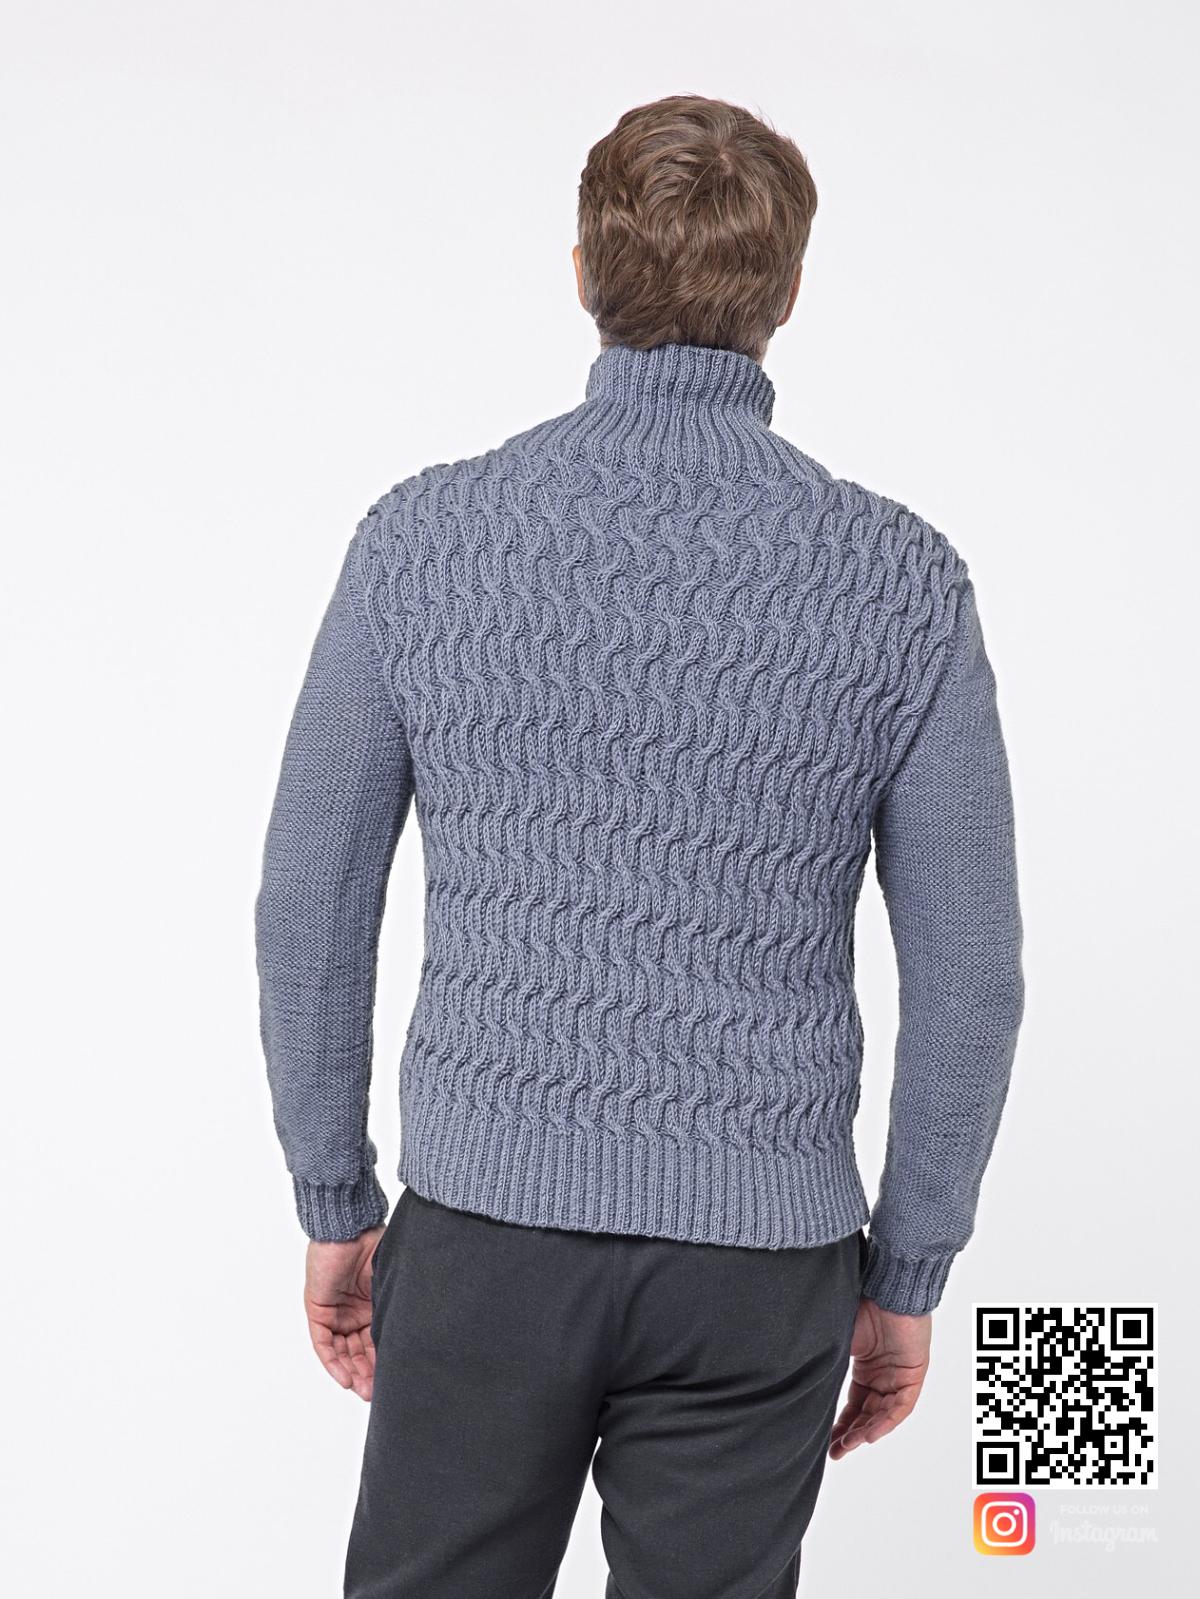 На второй фотографии серый вязаный свитер мужской со спины от Shapar, бренда связанной одежды ручной работы в интернет-магазине вещей.